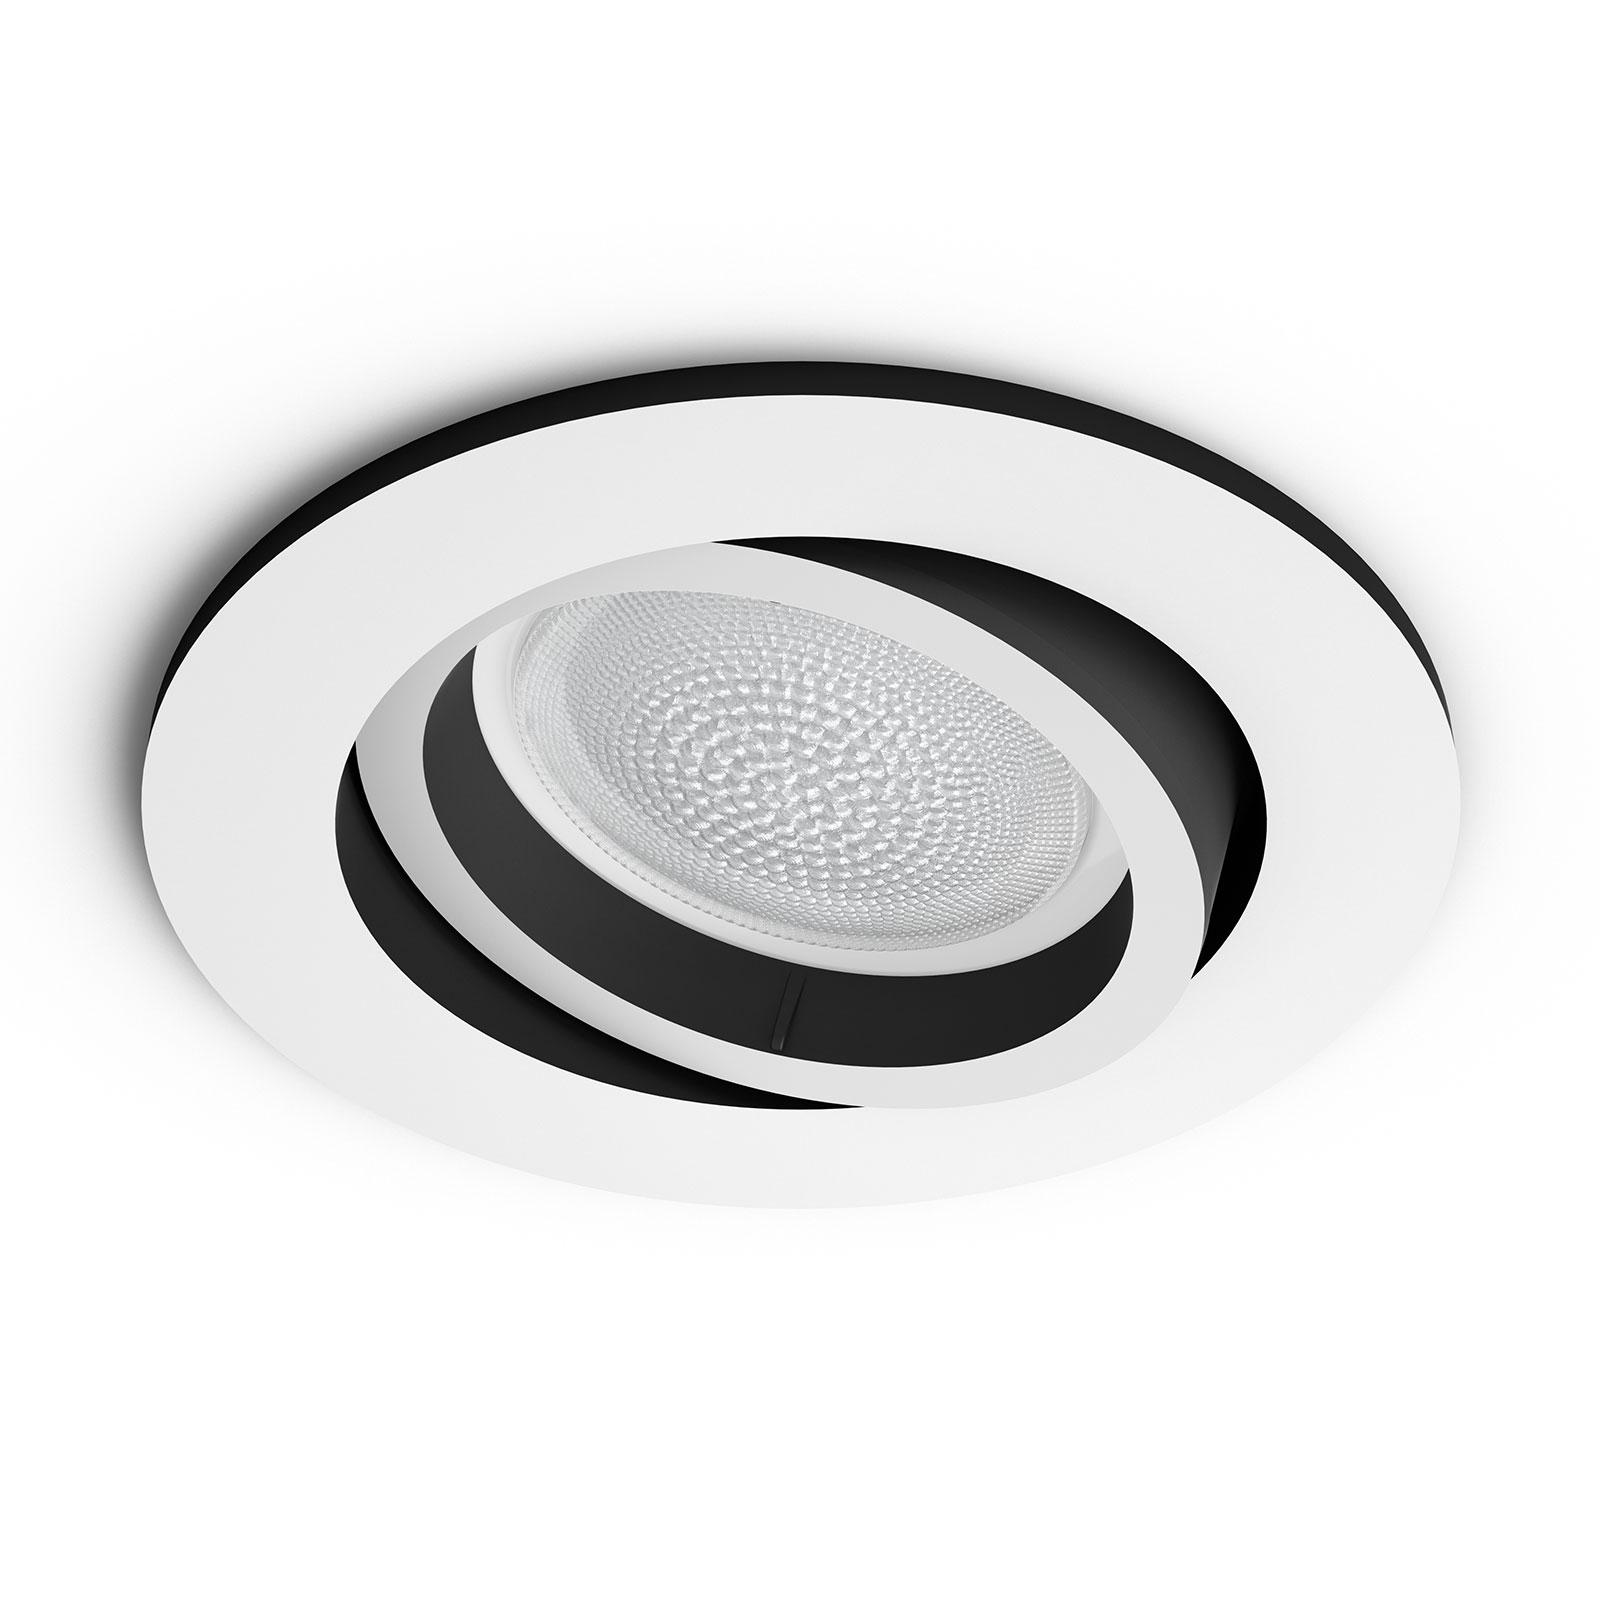 Philips Hue Centura LED-Einbauspot rund, weiß